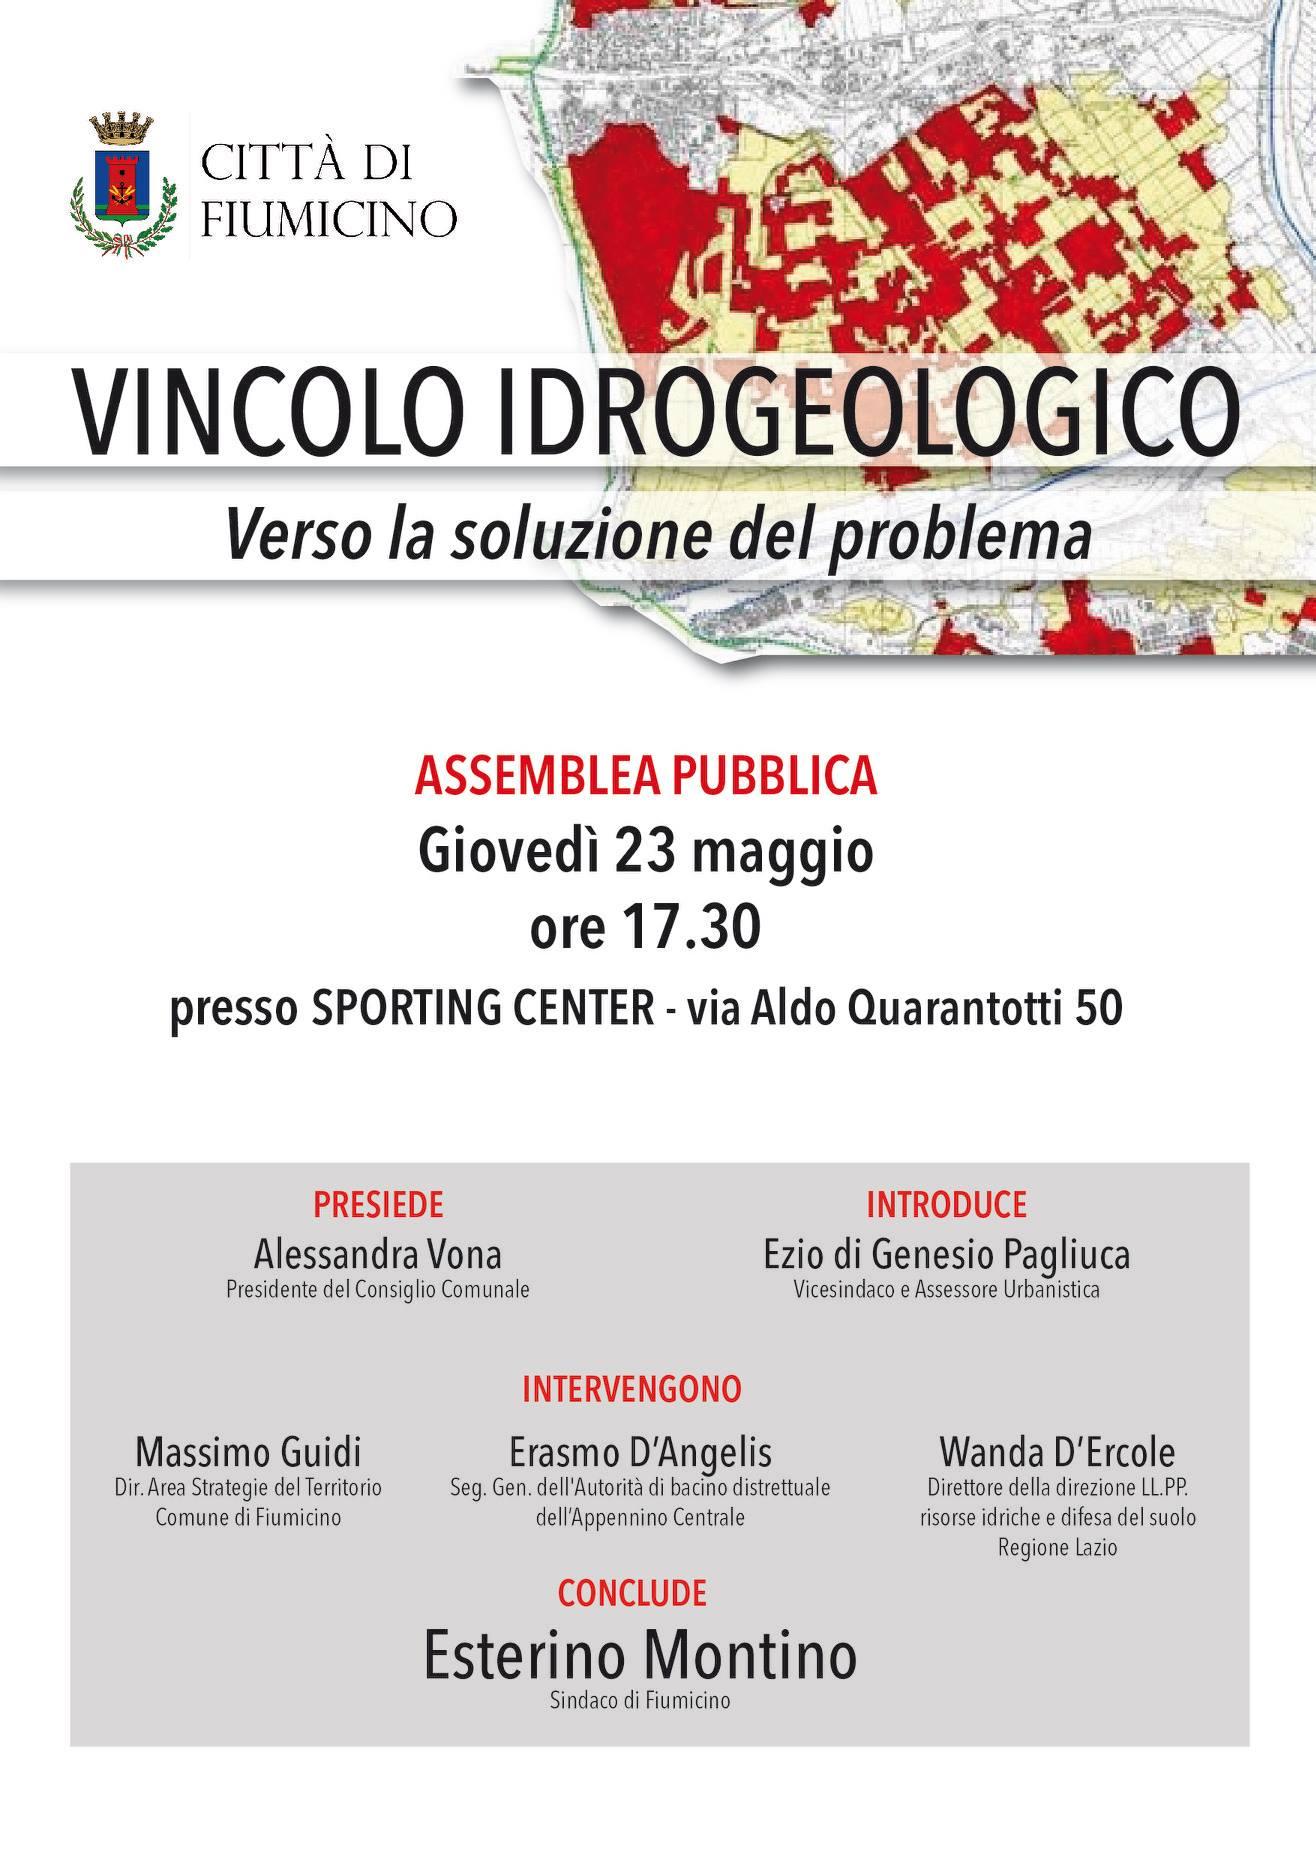 Fiumicino, Vincolo idrogeologico di Isola Sacra: pronta un'assemblea pubblica